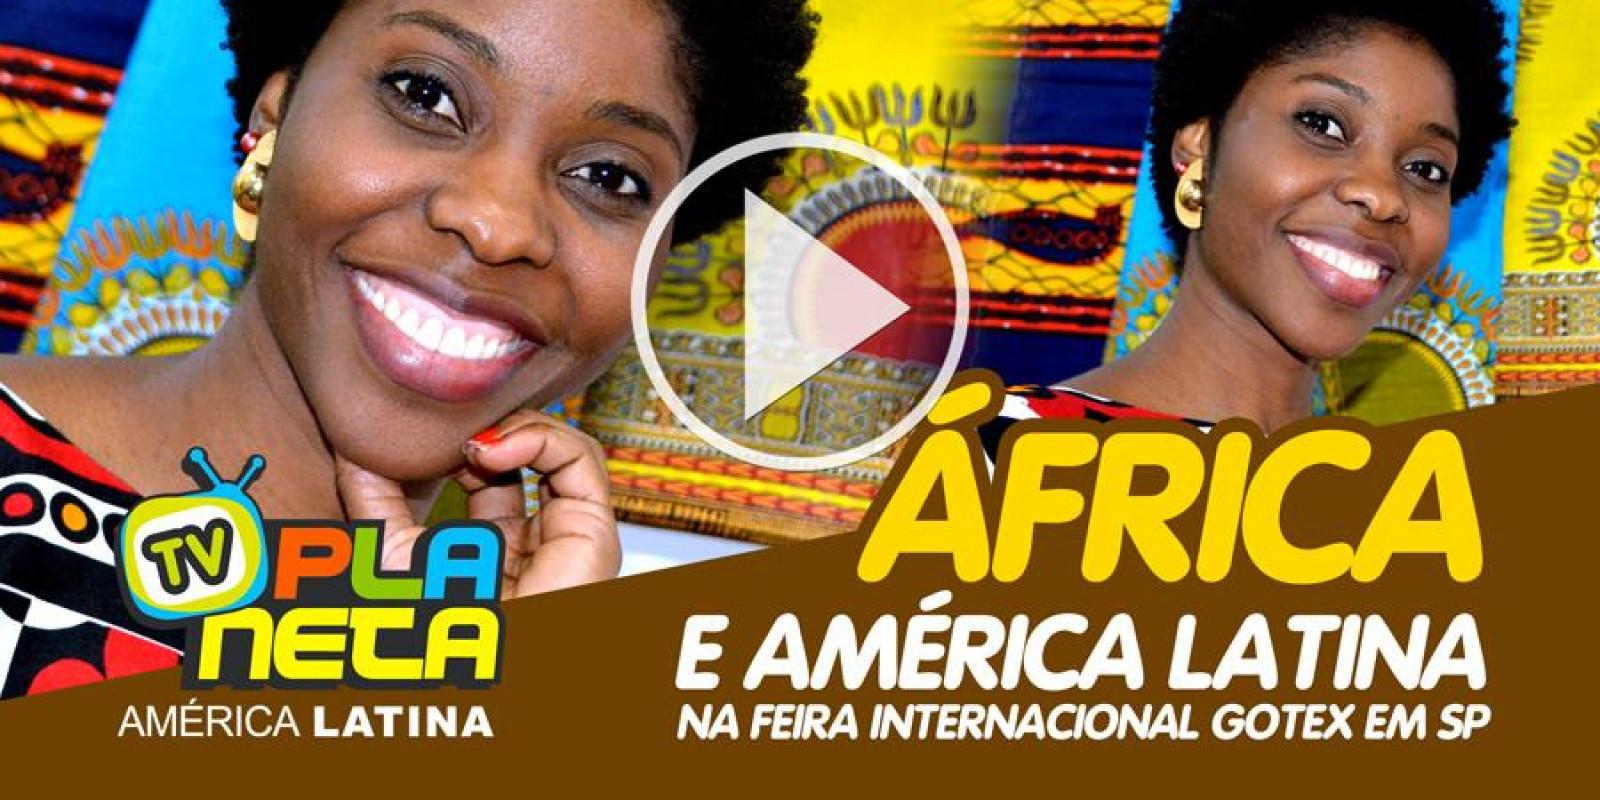 Negócios e cultura são expostos por stand africano na feira têxtil em São Paulo